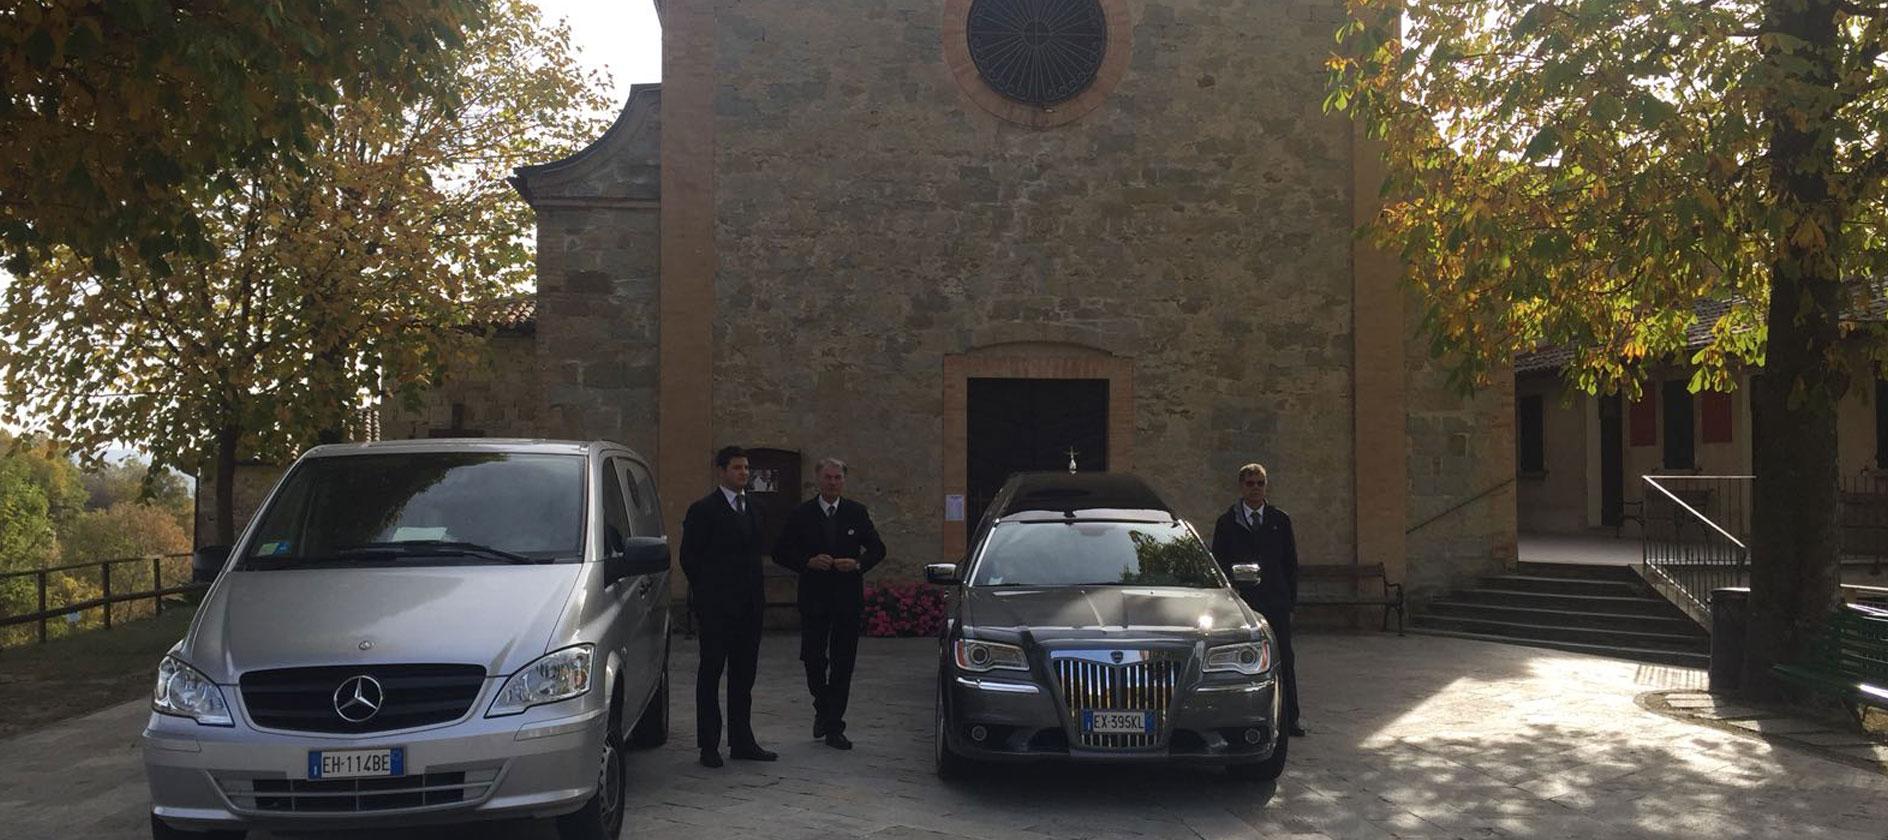 Agenzia funebre Onoranze Funebri Verucchi